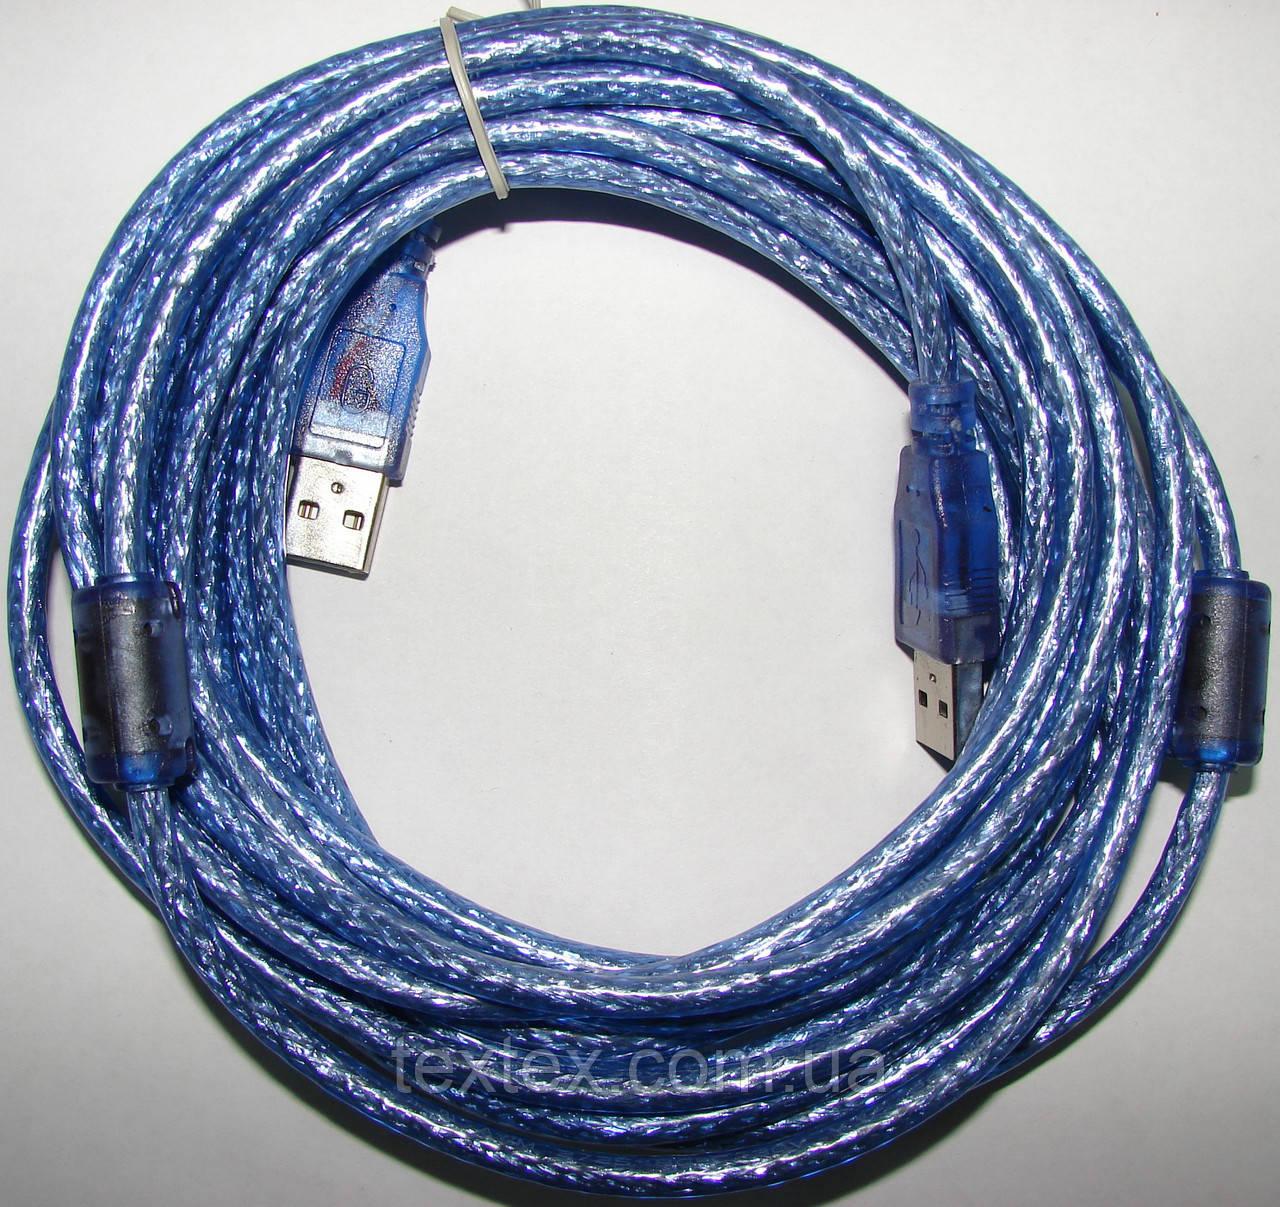 Кабель USB 2.0 AМ/АМ  экранированный c фильтрами длина 10 м